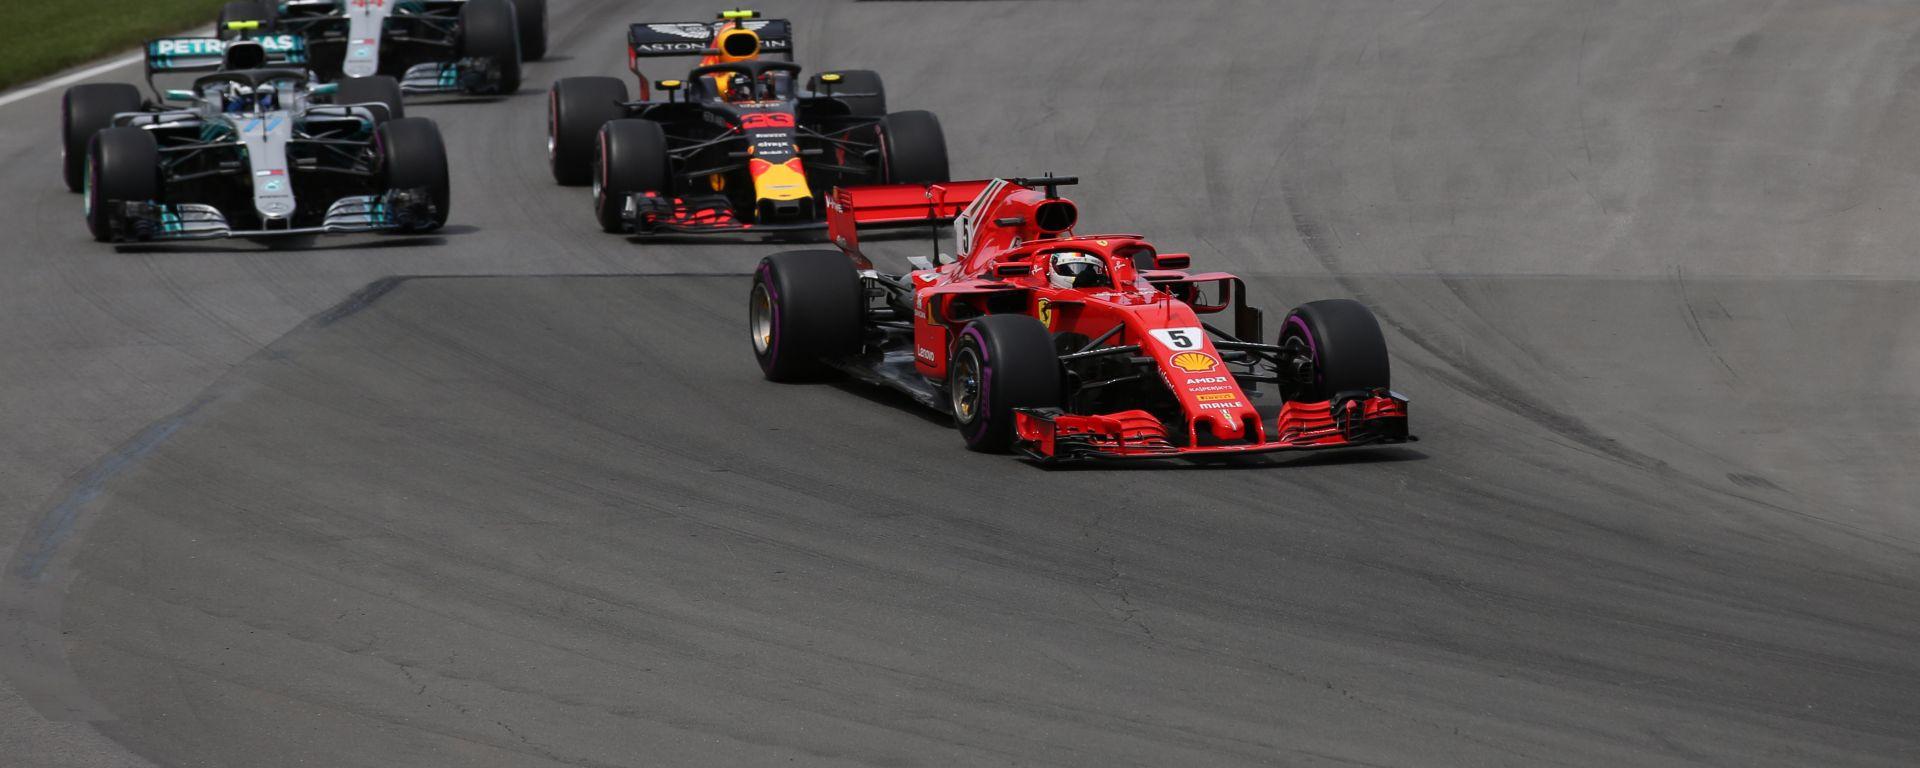 F1 GP Canada 2019: orari, meteo, risultati prove, qualifiche e gara